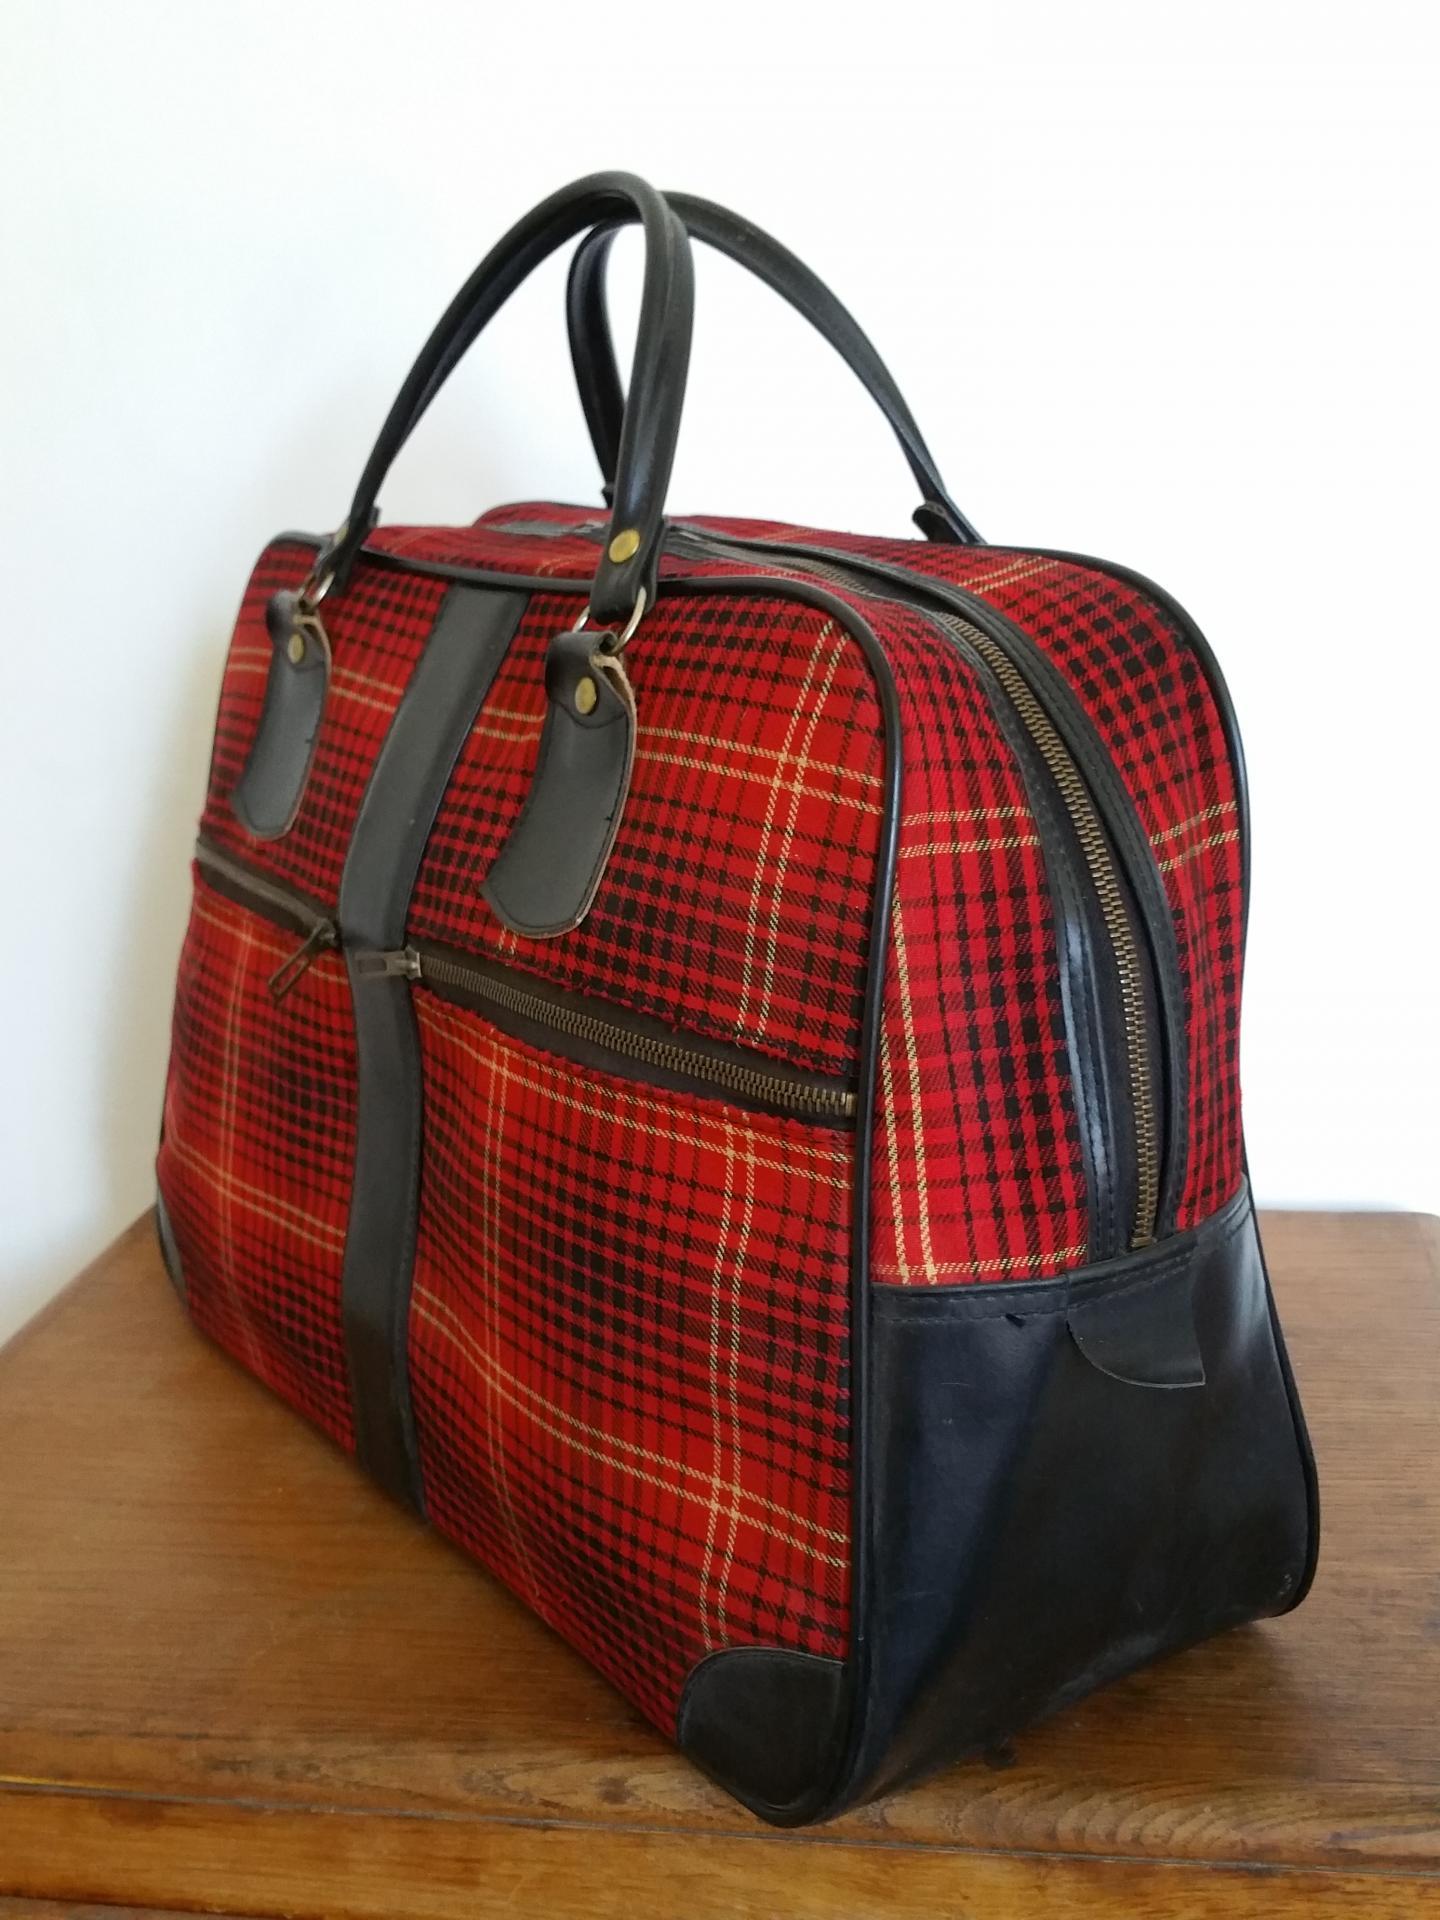 3 sac de voyage ecossais